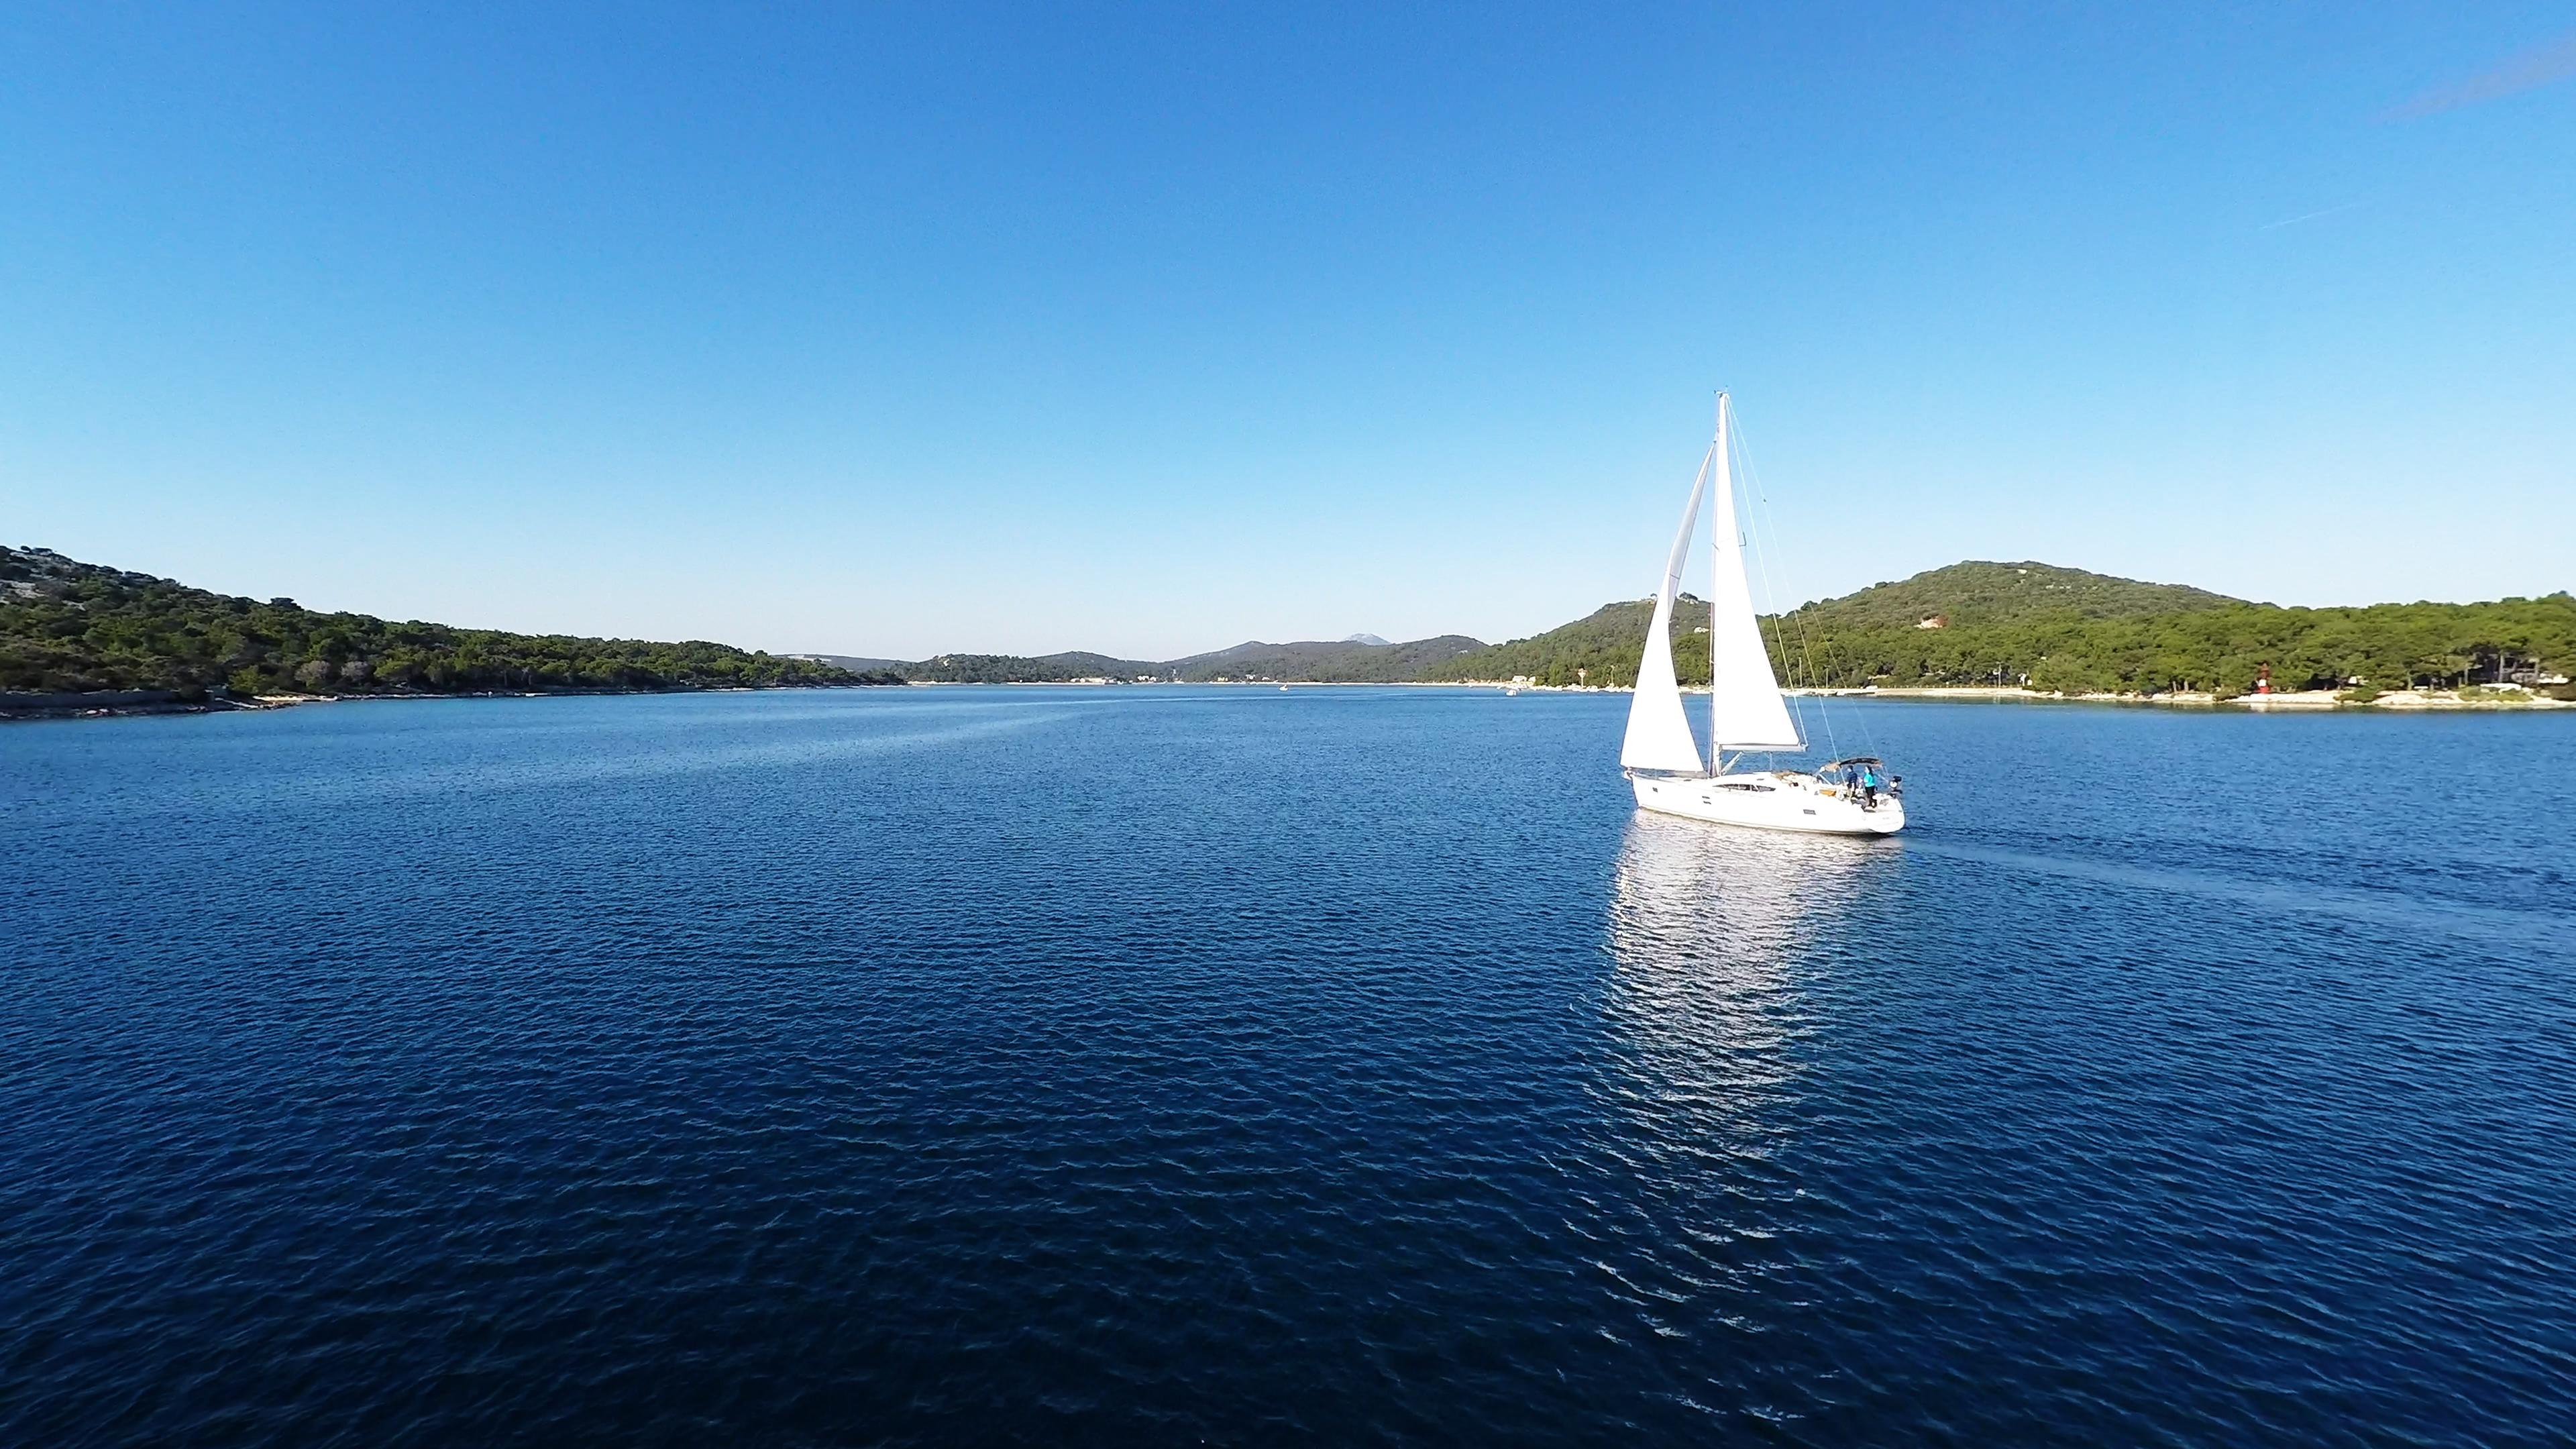 bateau à voile ciel bleu baie de mer bateau à voile